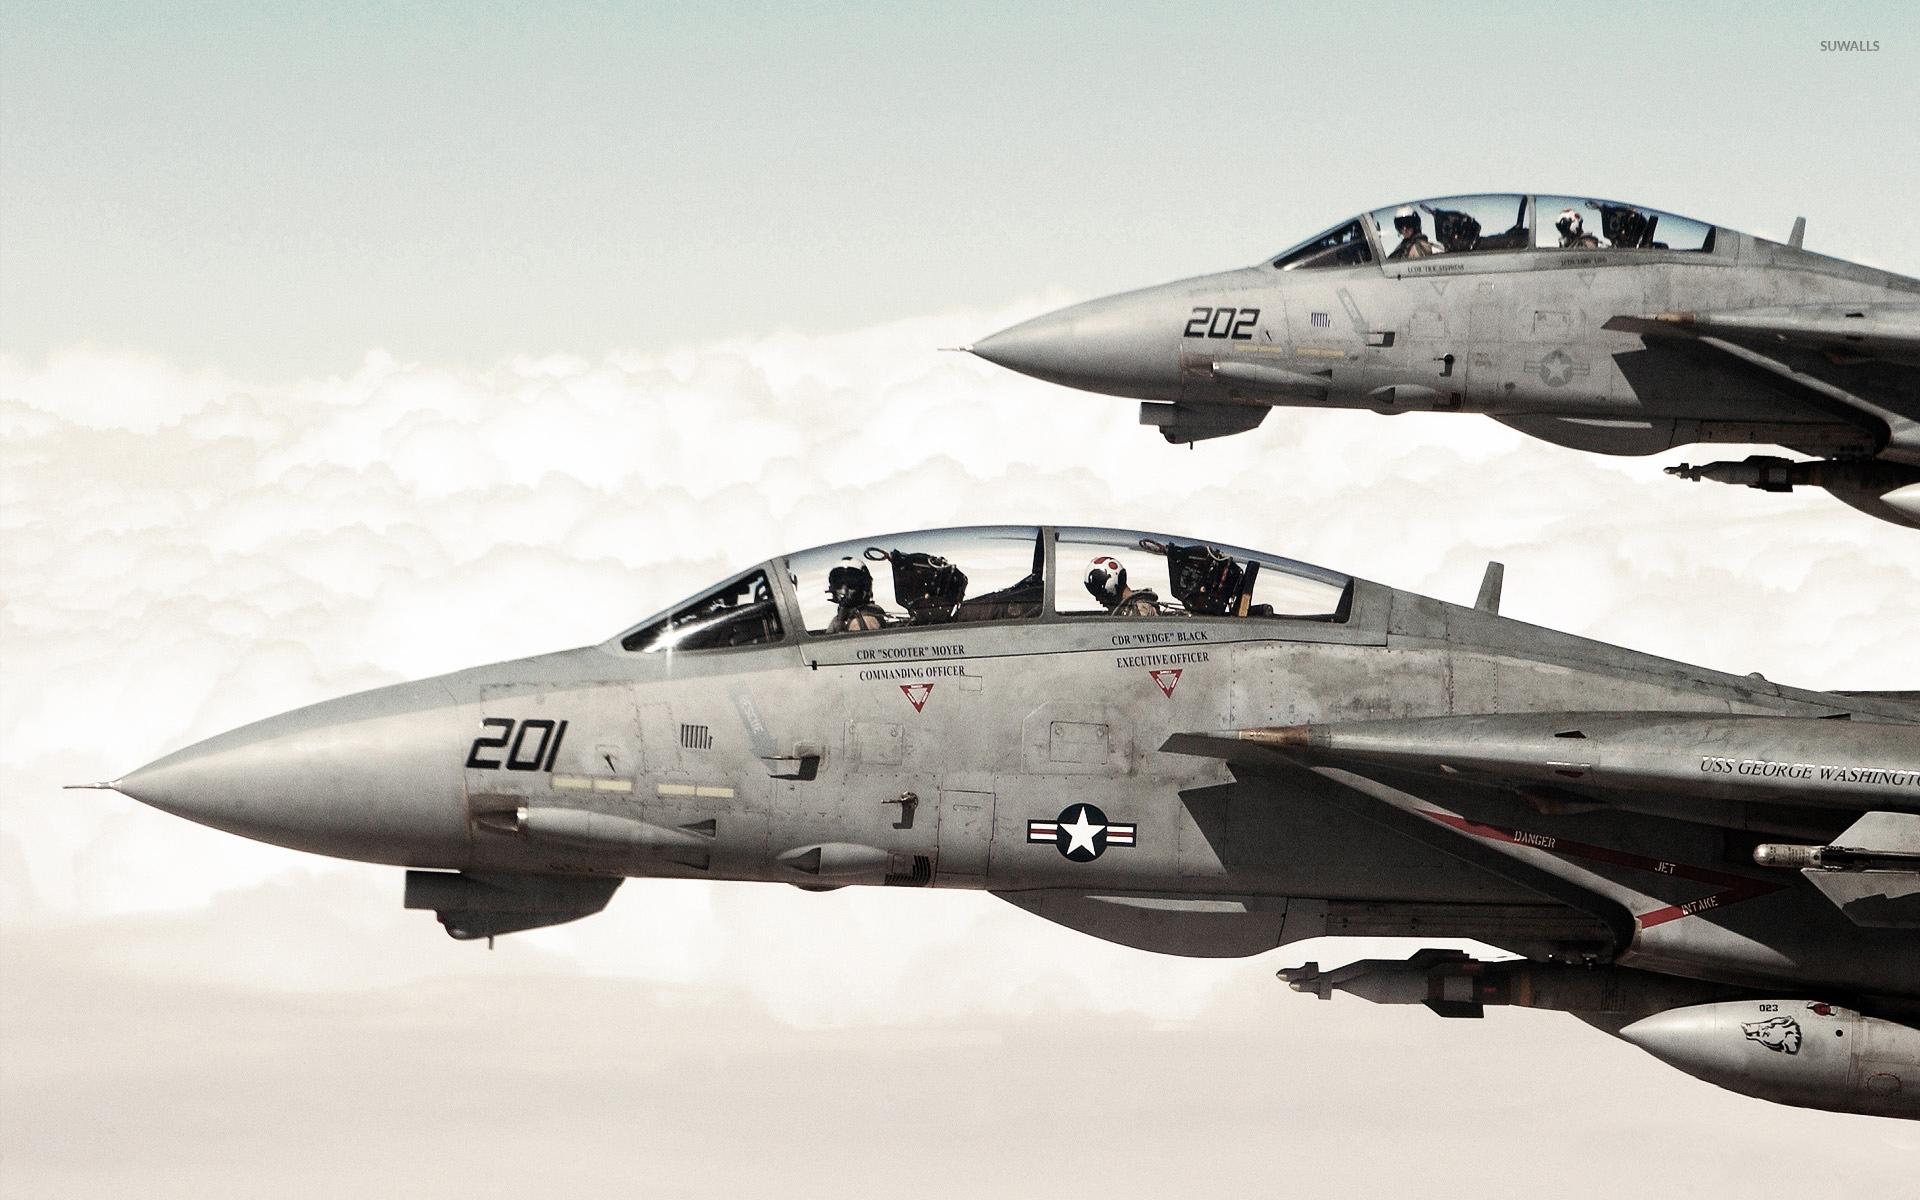 Grumman F 14 Tomcat 2 Wallpaper Aircraft Wallpapers 5767